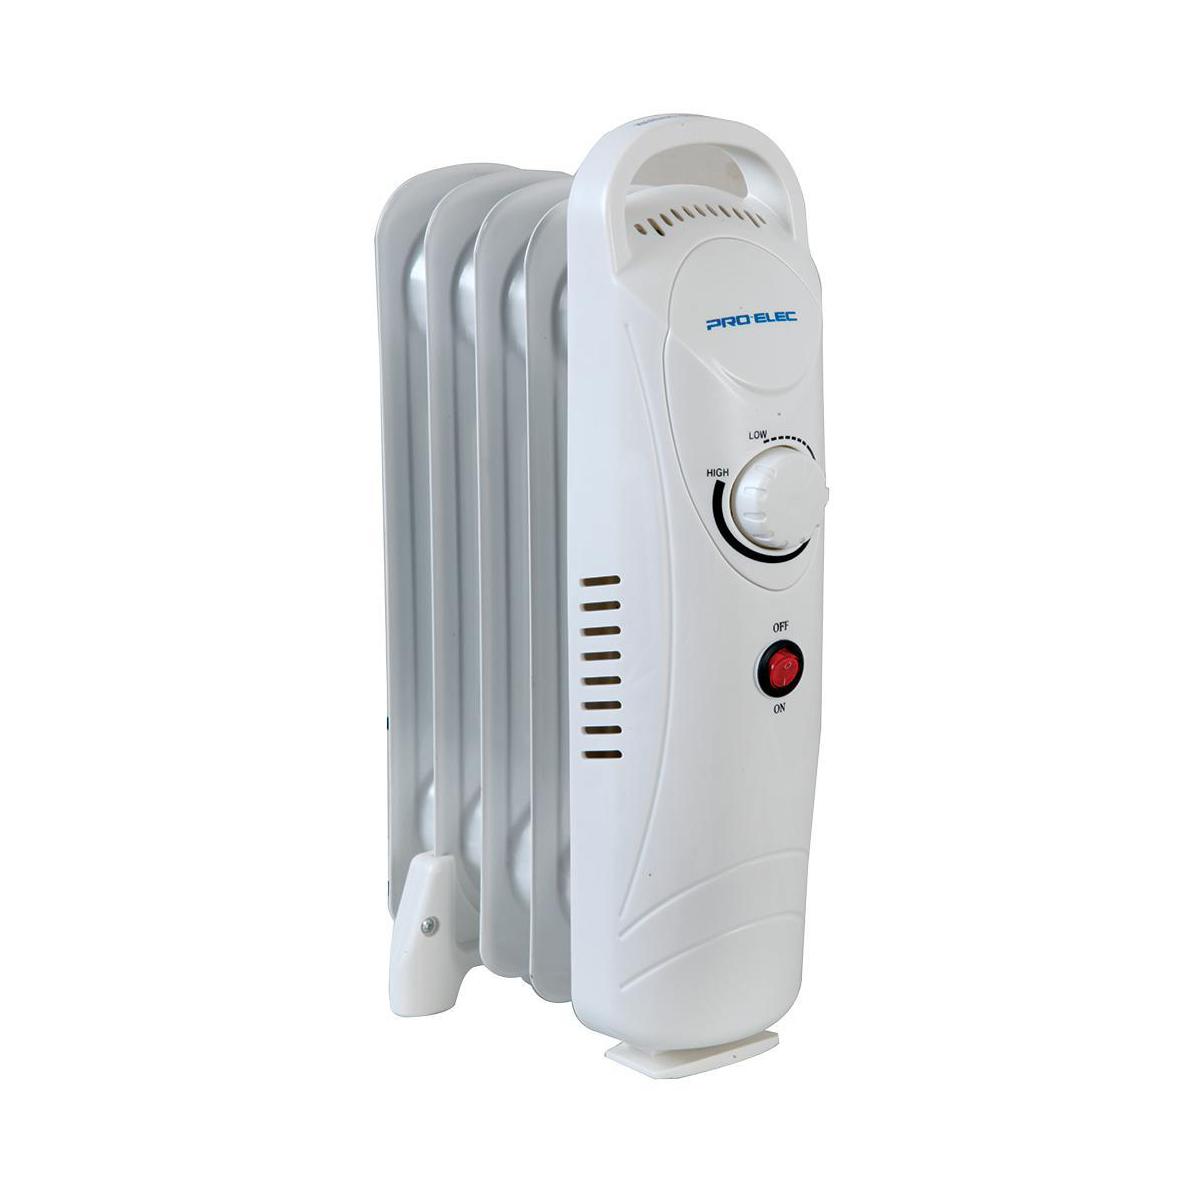 Radiators 600W 5 Fin Oil Filled Radiator White Ref HG01184